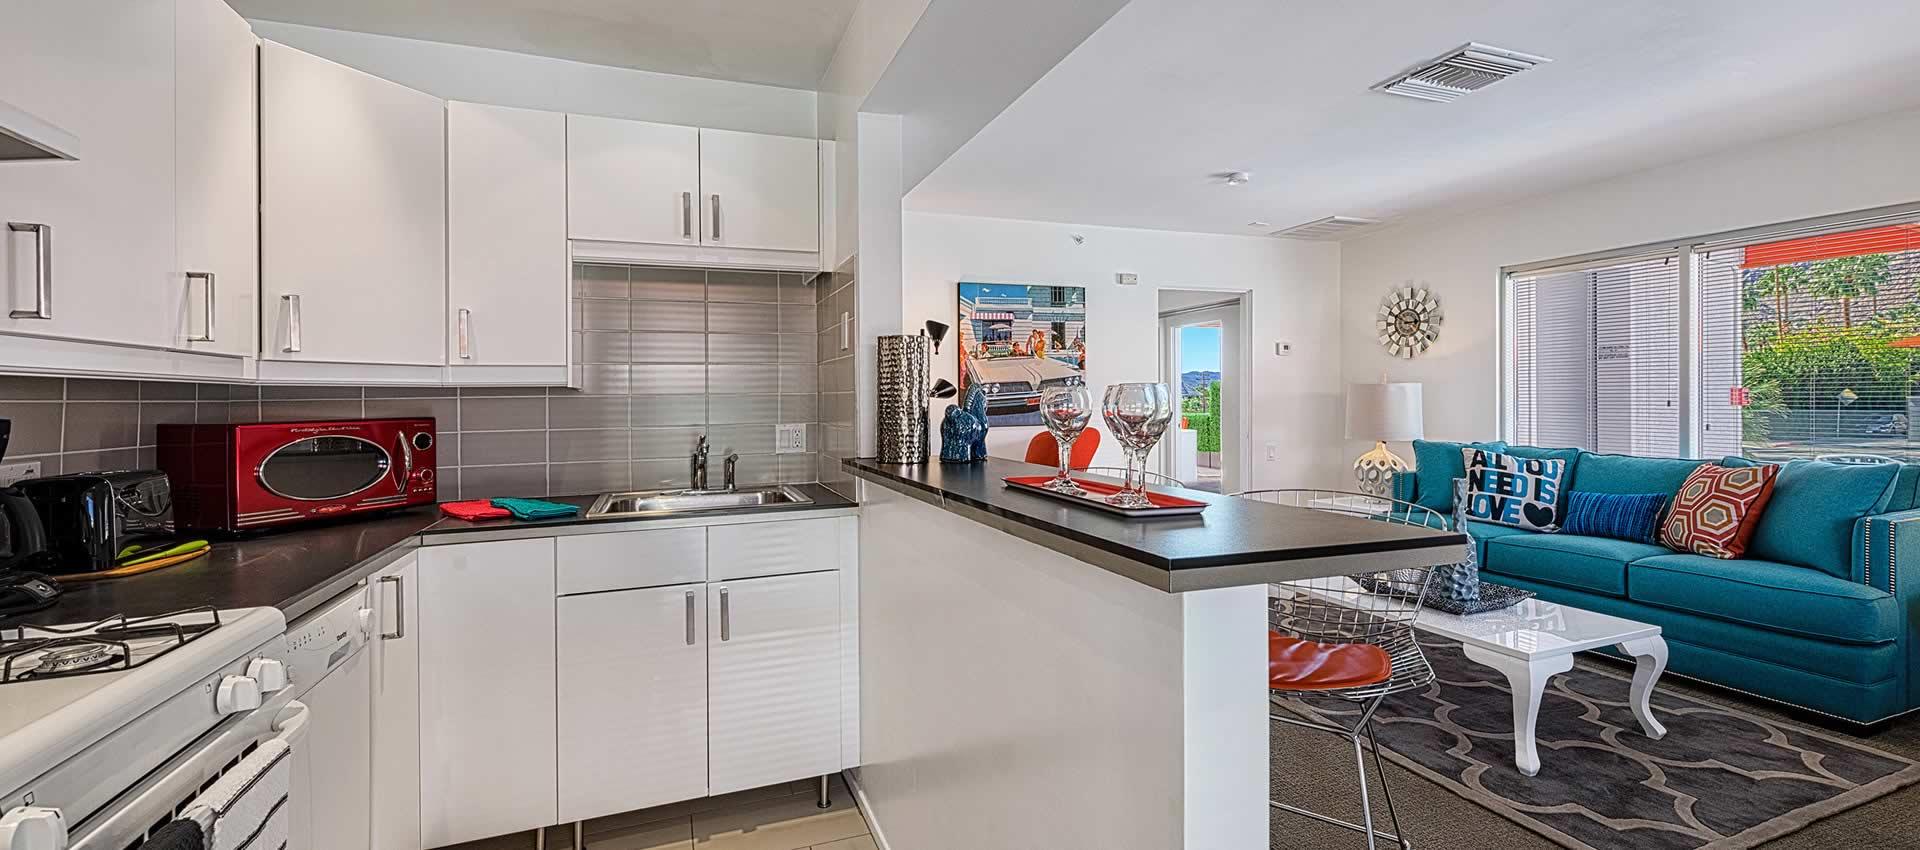 twist-hotel-room222-kitchen